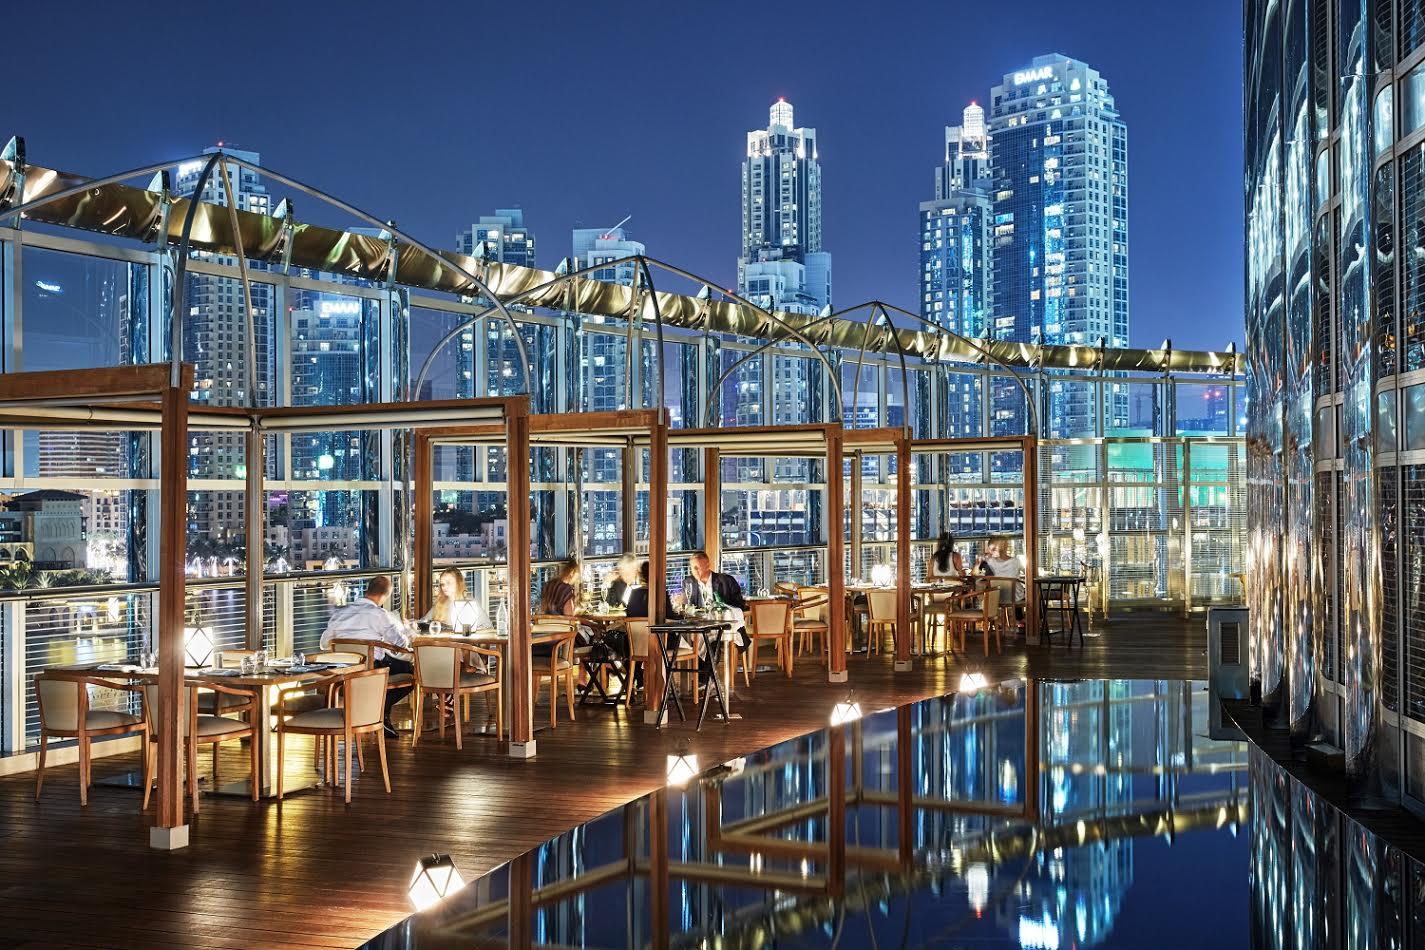 عروض فندق أرماني دبي لشهر يوليو 2017